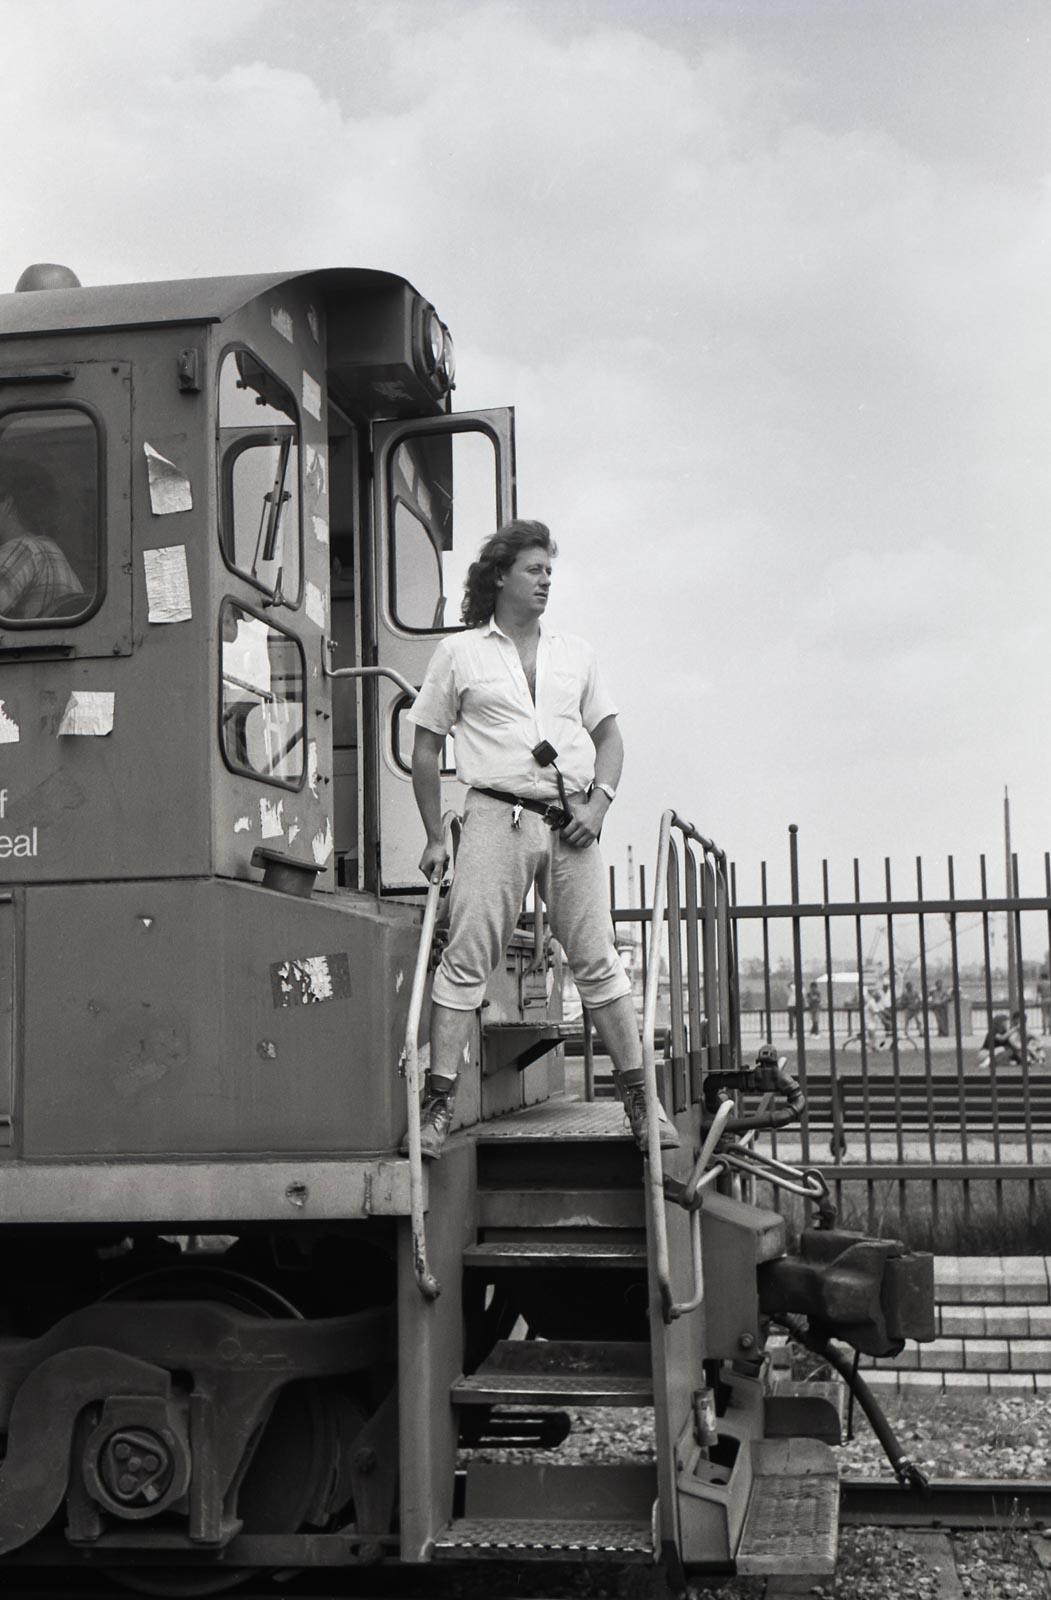 Le cheminot, Montréal 1988